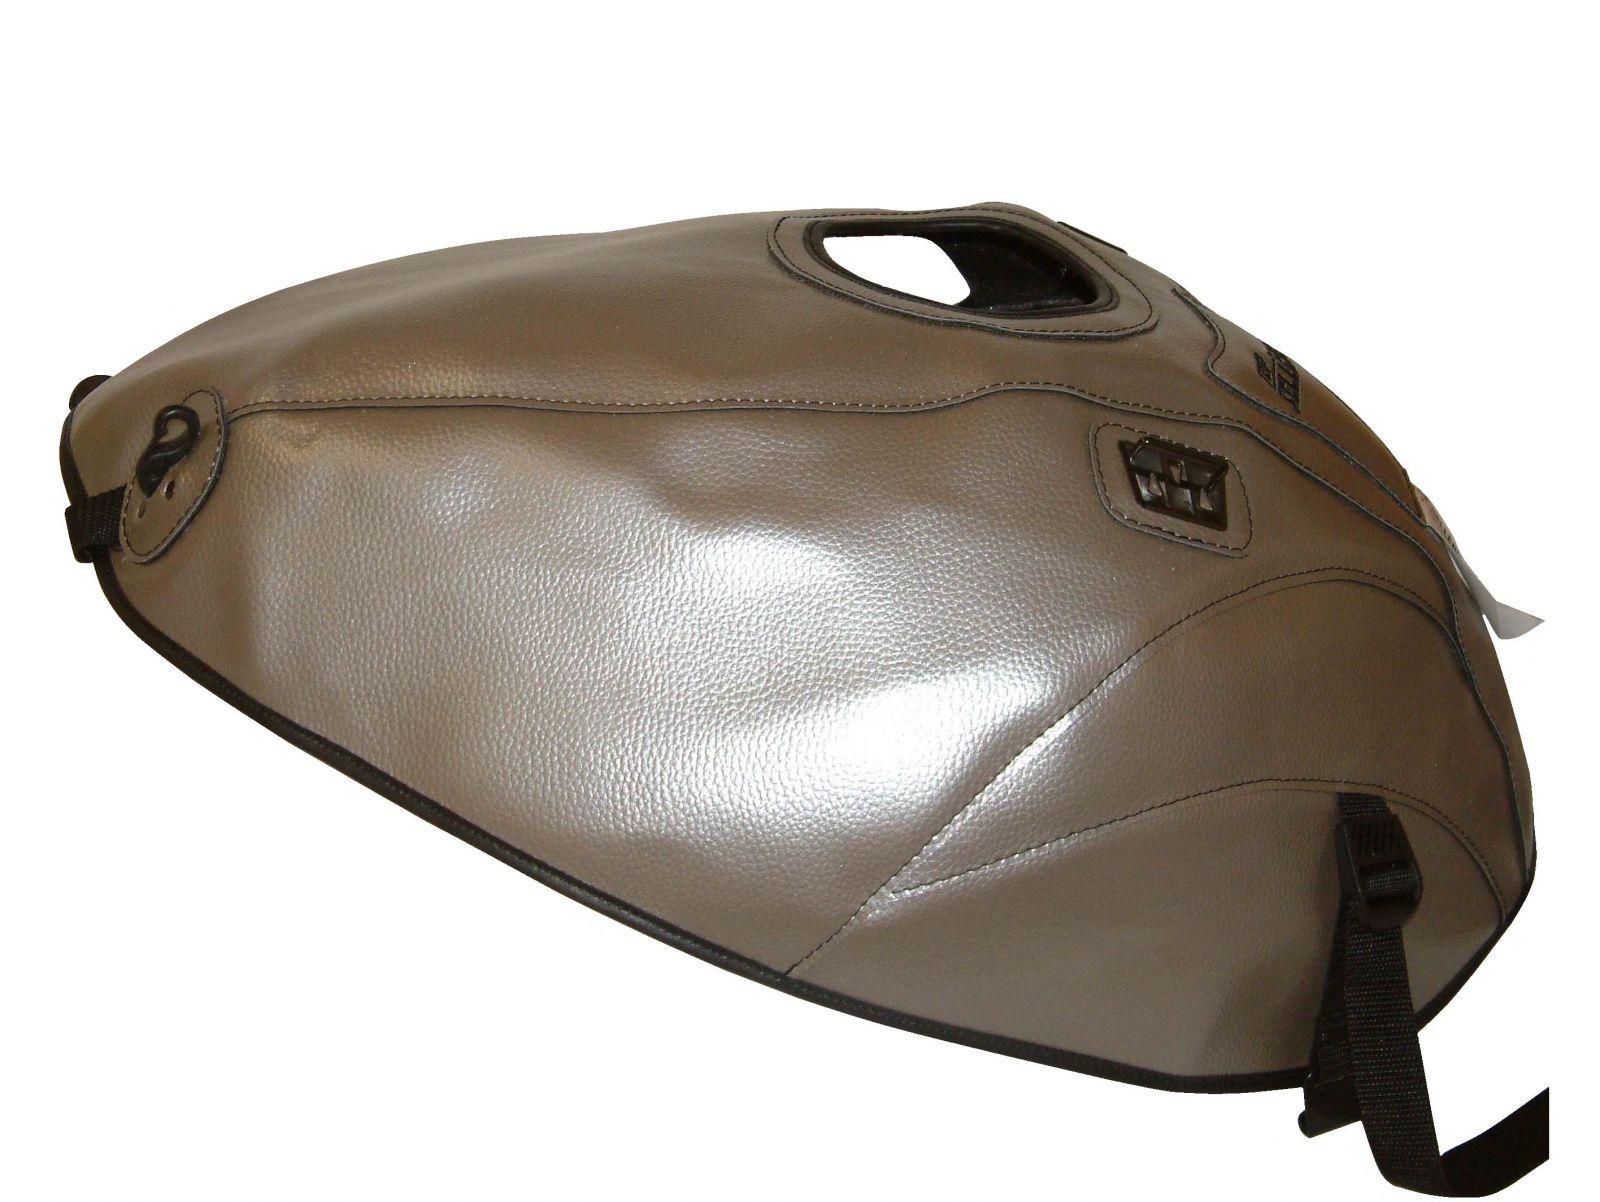 Petrol tank cover TPR4531 - SUZUKI GSX-F 750 [1998-2007]